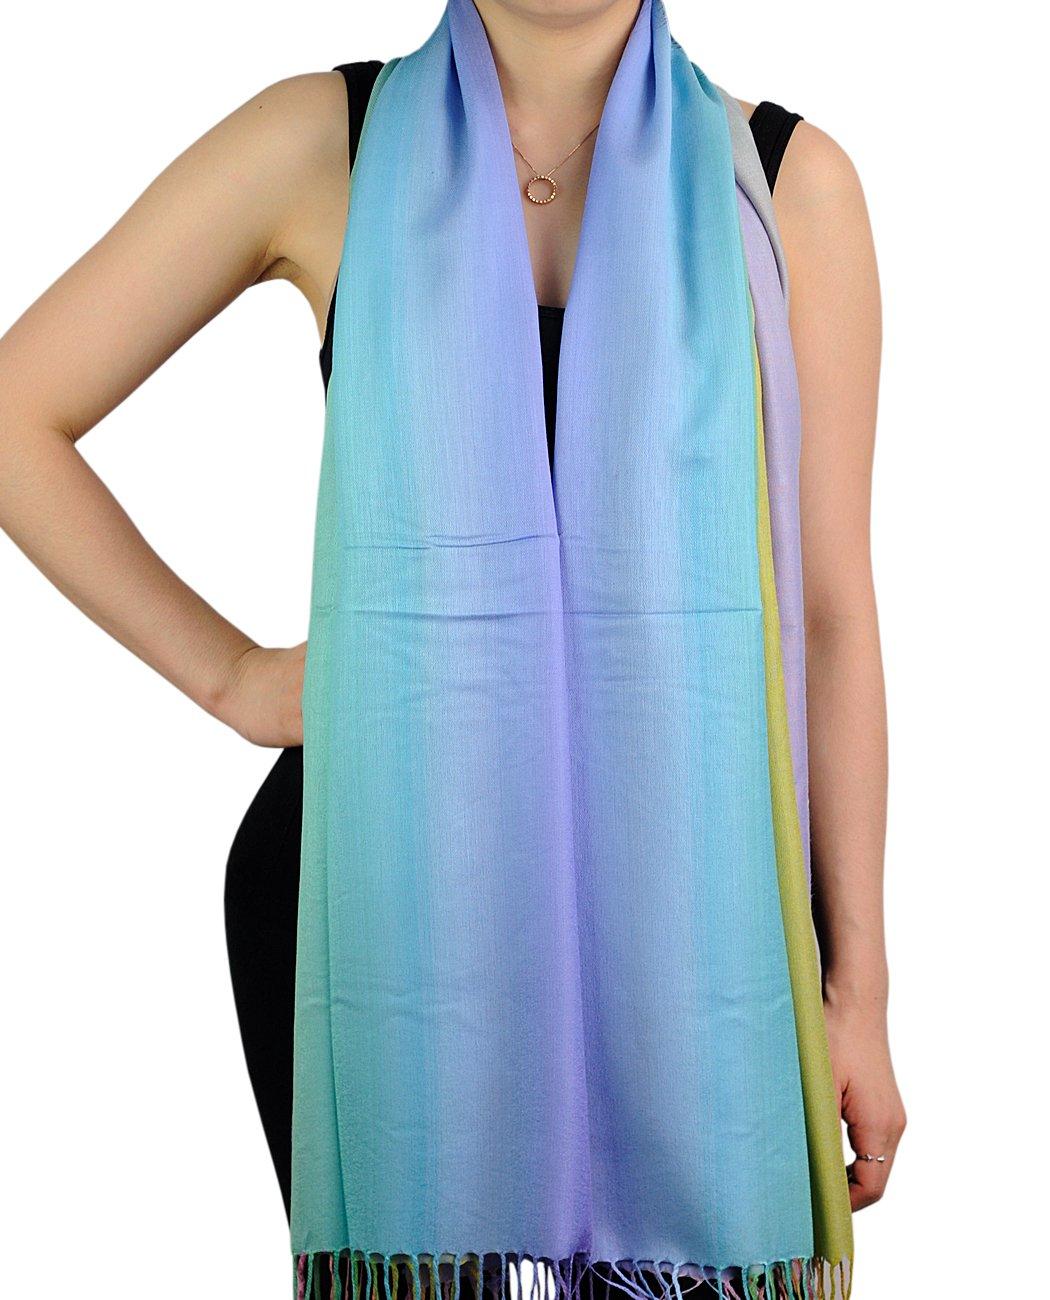 NYFASHION101 Elegant Tropical Colorful Scarf Shawl Wrap NBH1701Y, Rainbow 07 BH1701-07